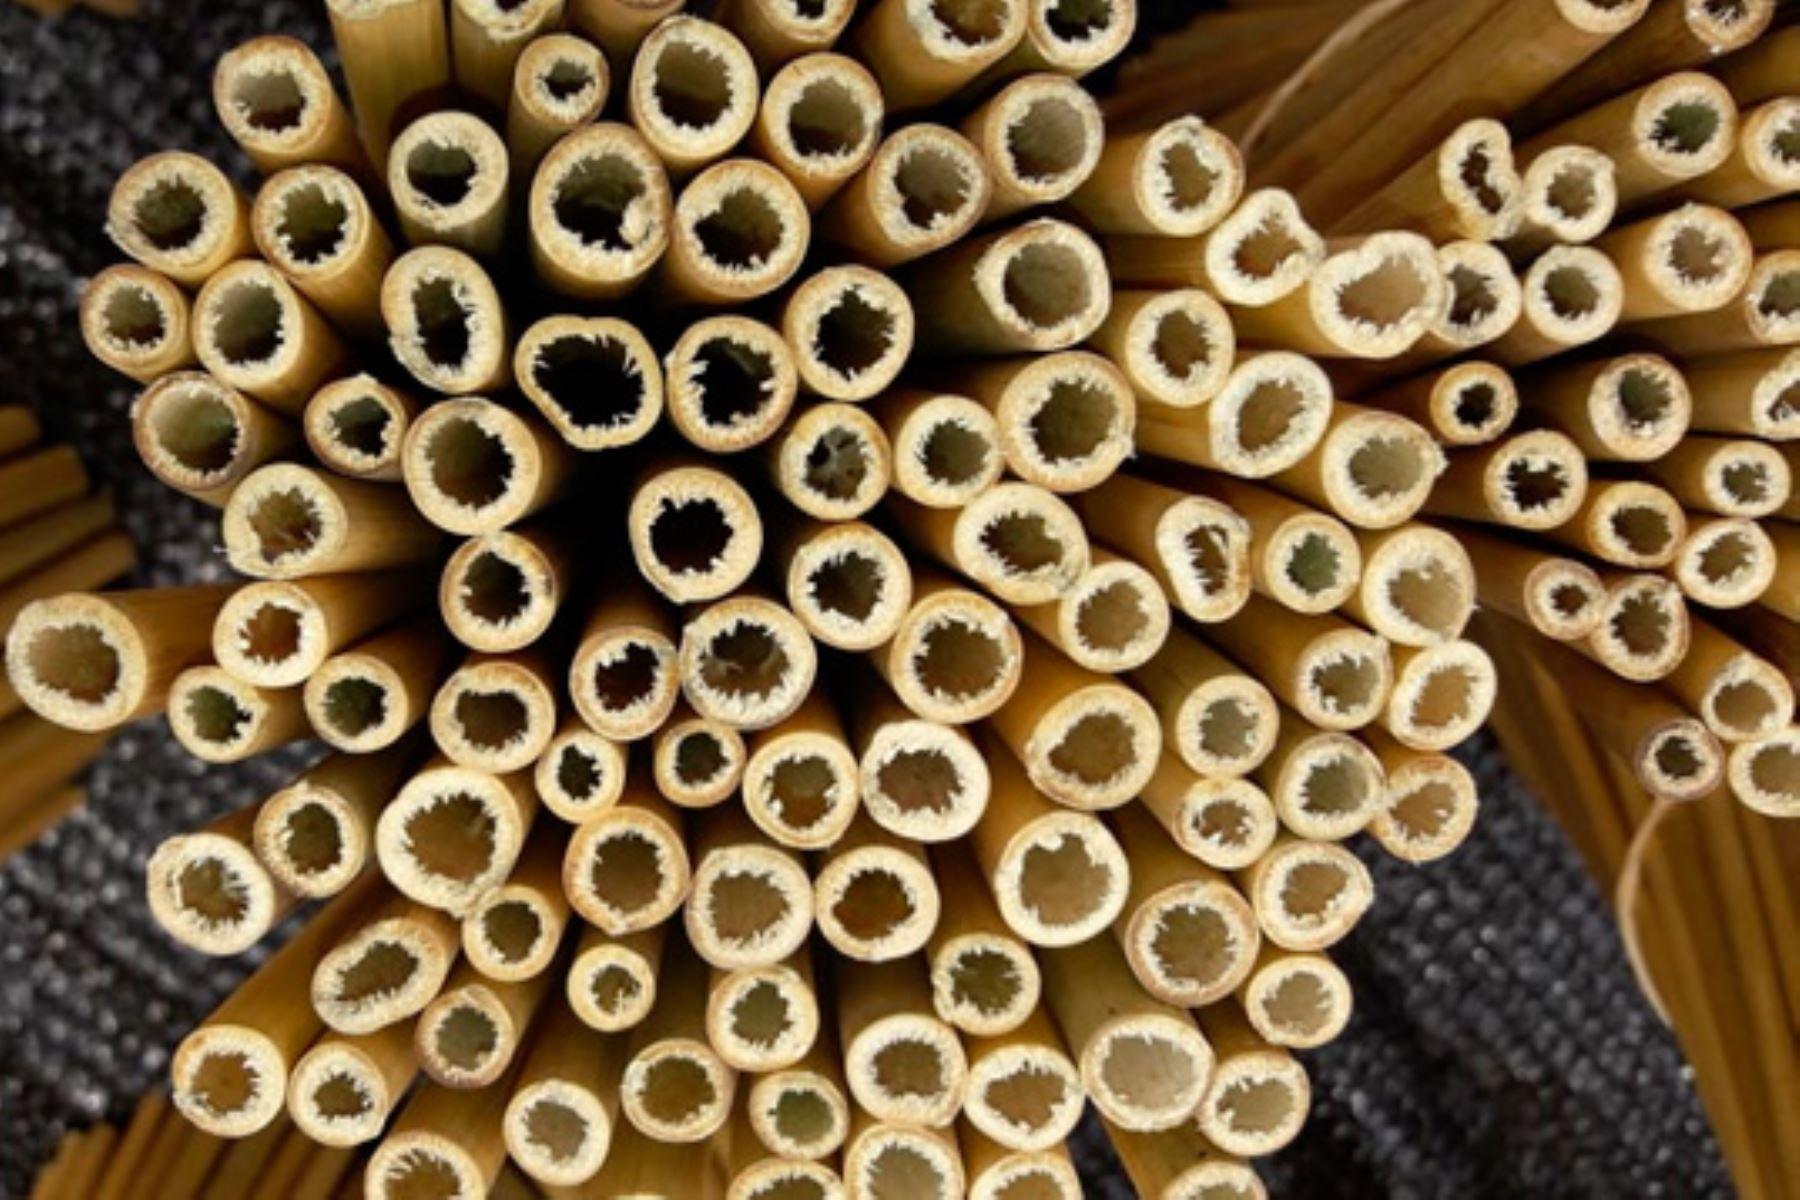 Agricultores de Monzón, en Huánuco, innovan con la elaboración de cañitas biodegradables de bambú. ANDINA/Difusión